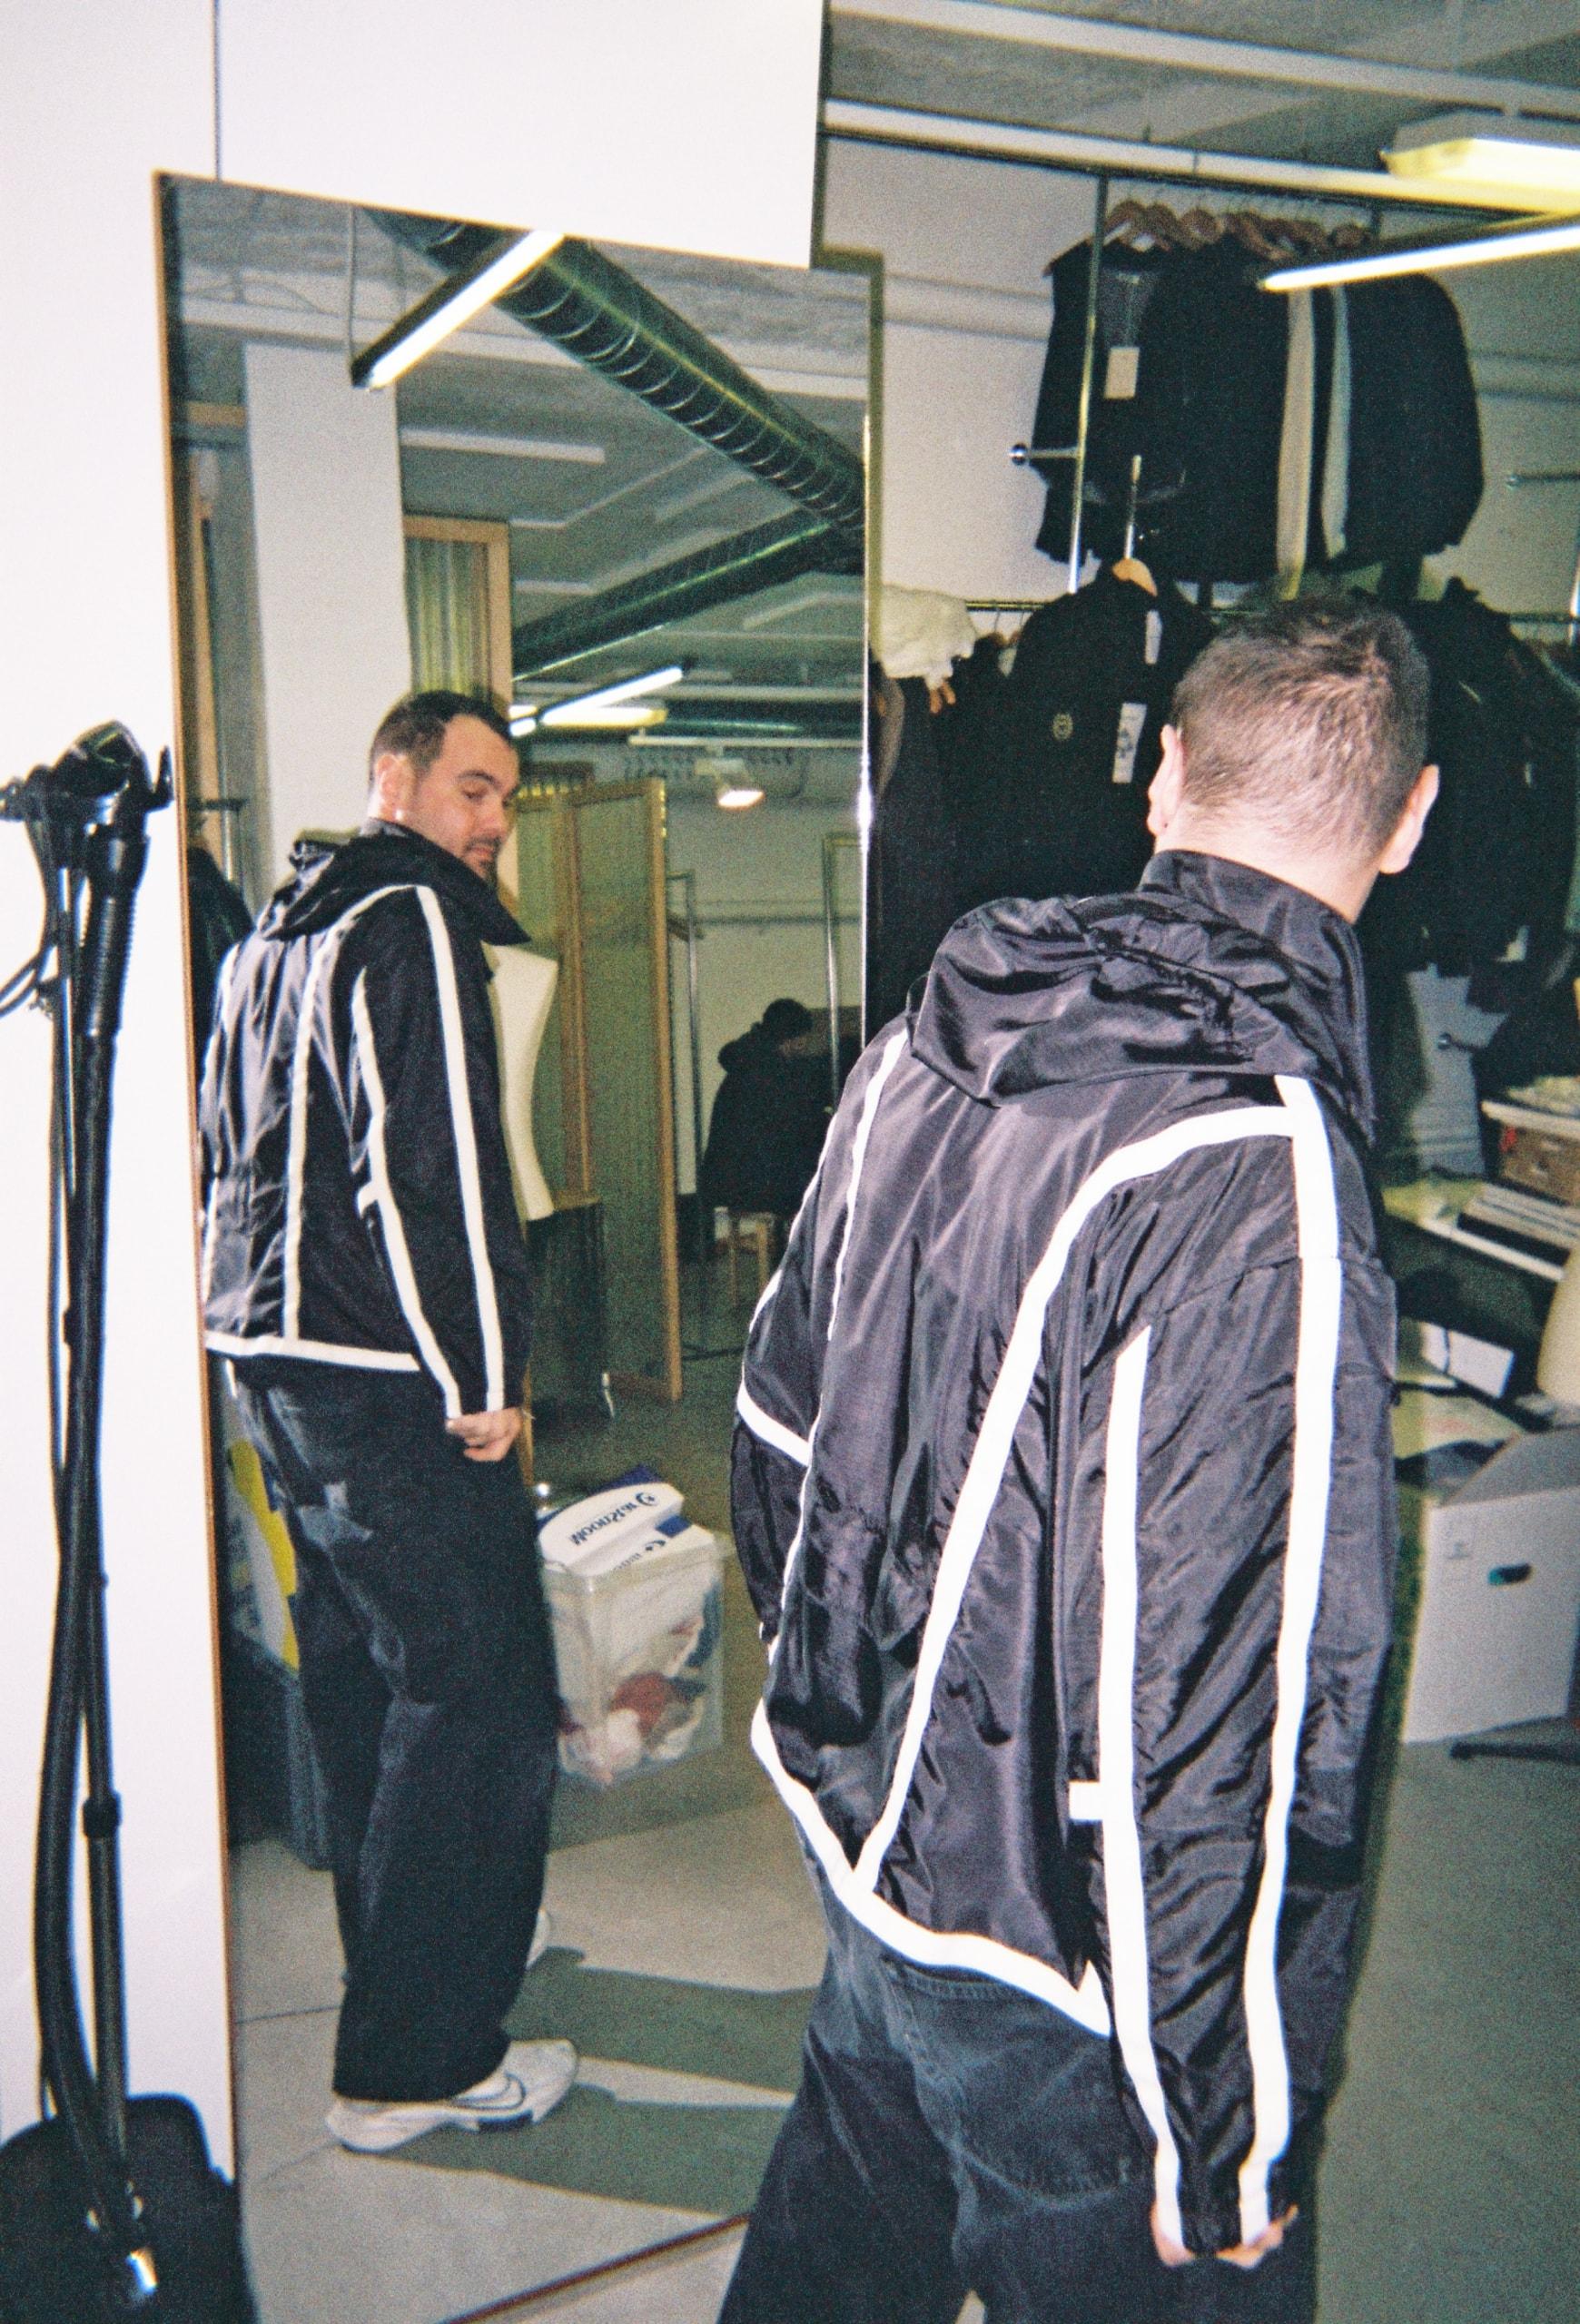 瑞典时装品牌 OUR LEGACY 成员用镜头记录下工作室的一天